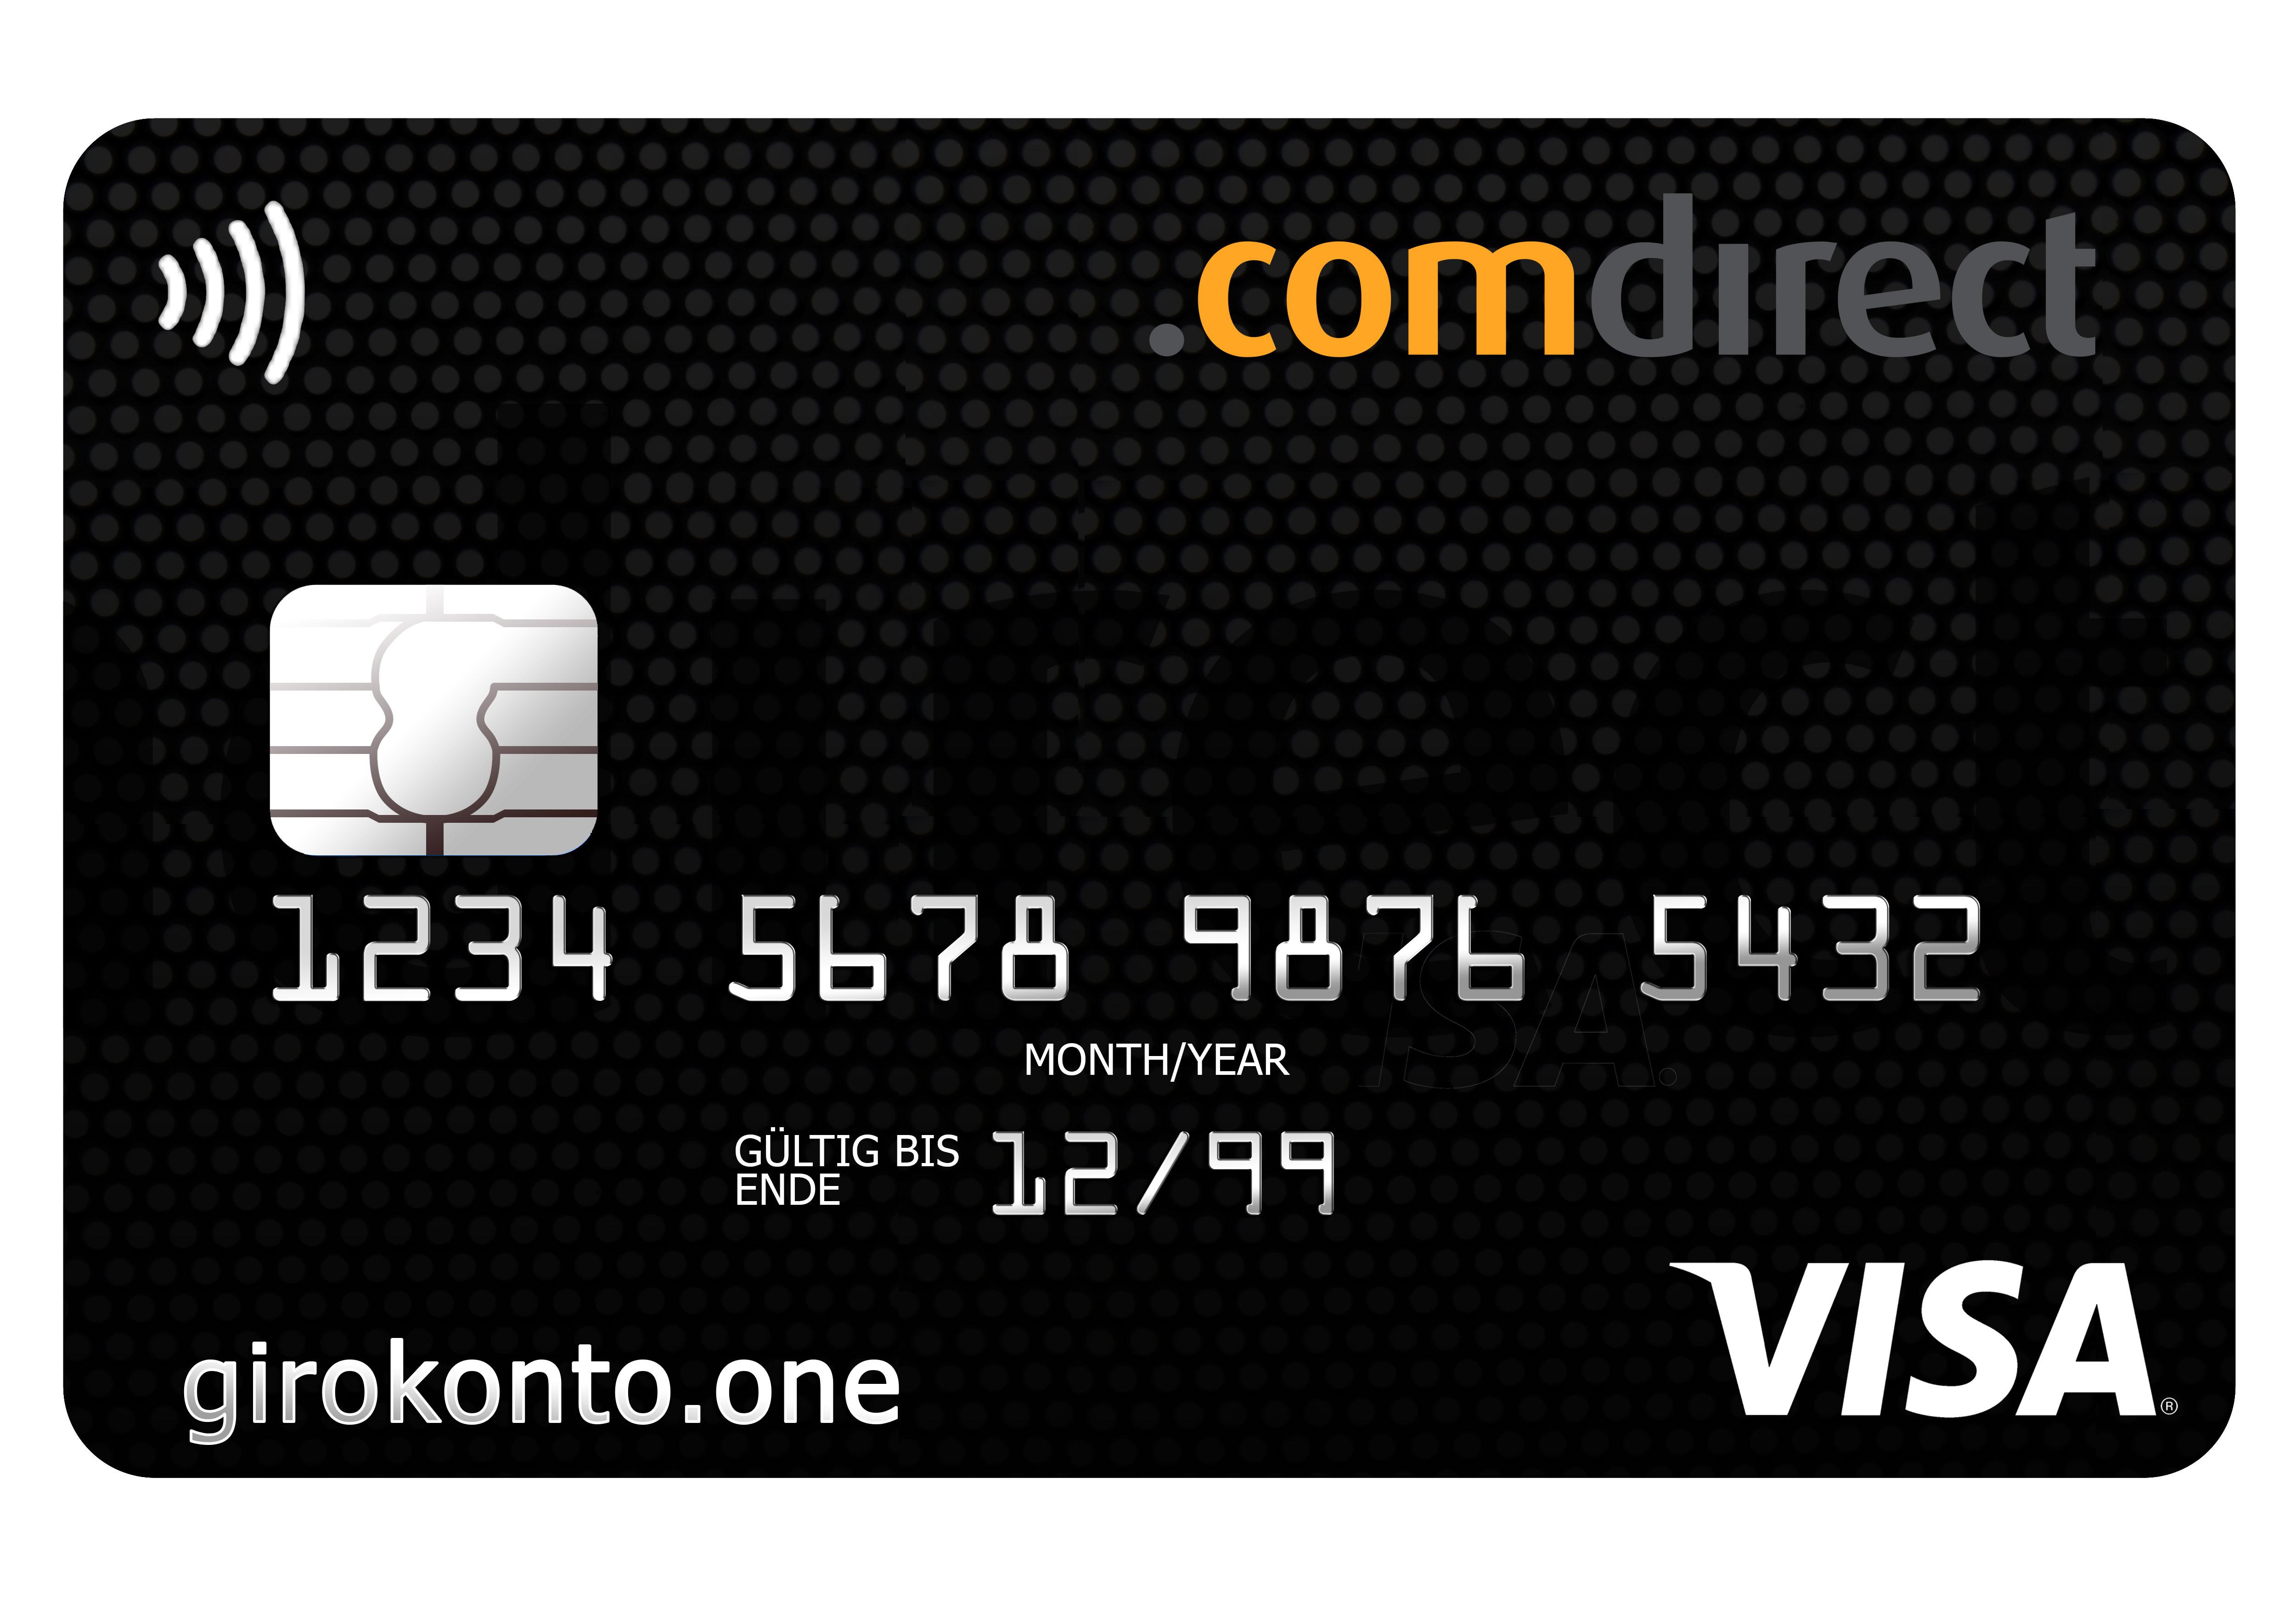 ich habe eine visa kreditkarte von der sparkasse wie kann ich die abbuchungen im detail. Black Bedroom Furniture Sets. Home Design Ideas